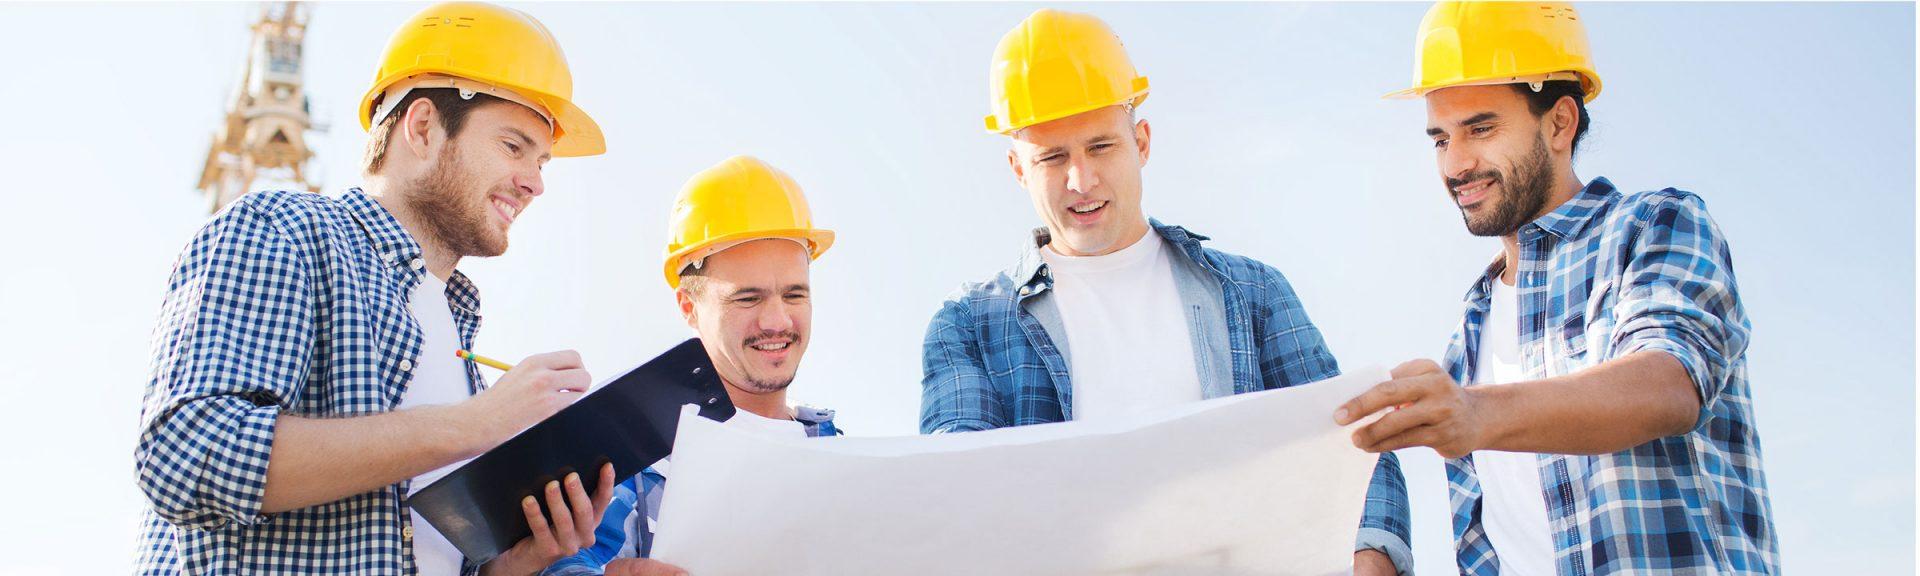 gestão de equipe de serviços externos